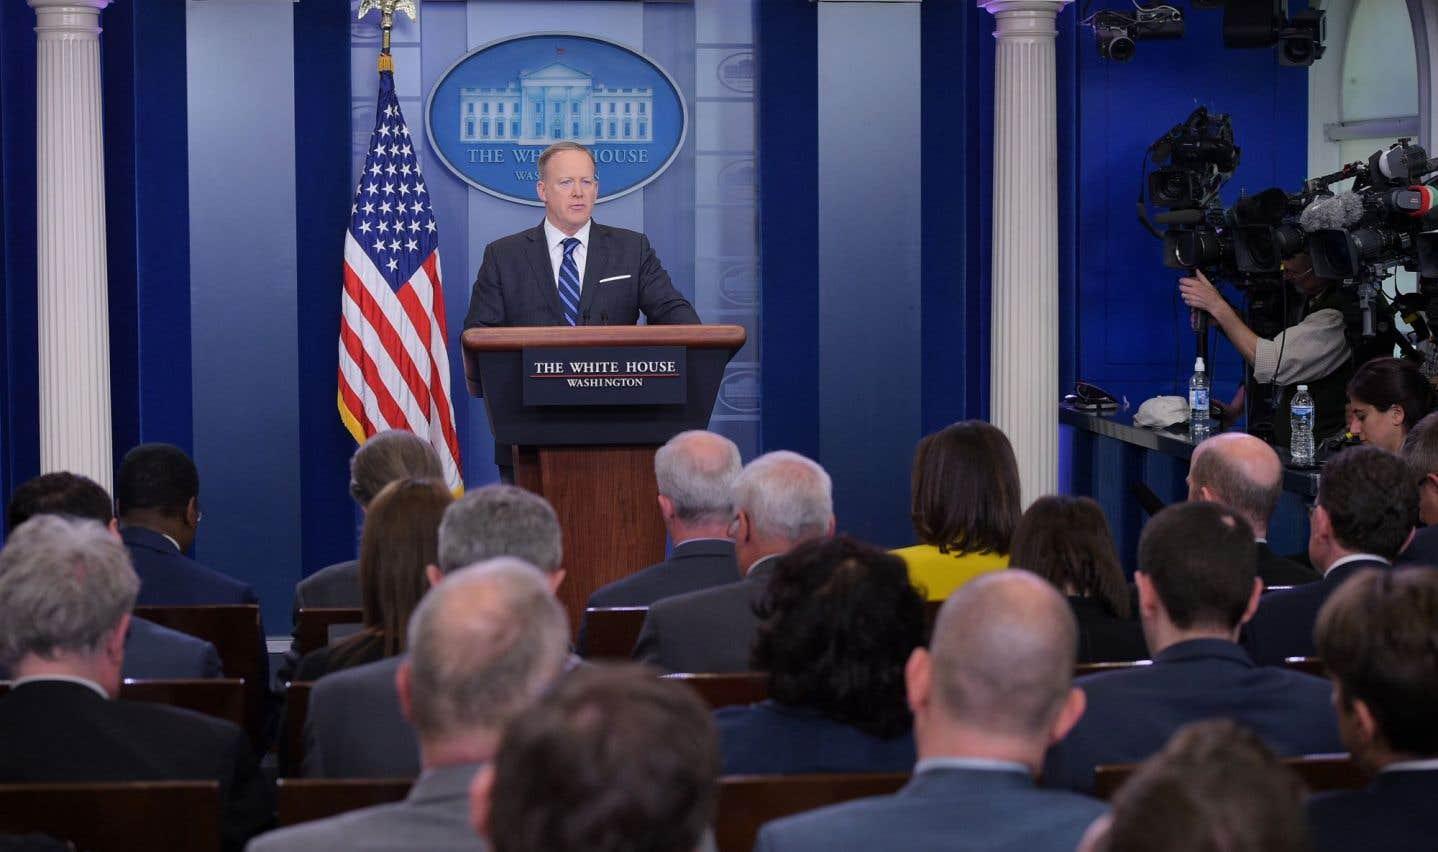 Le porte-parole de la Maison-Blanche, Sean Spicer, a laissé entendre que l'utilisation de «barils d'explosifs» serait désormais elle aussi une limite à ne pas franchir.